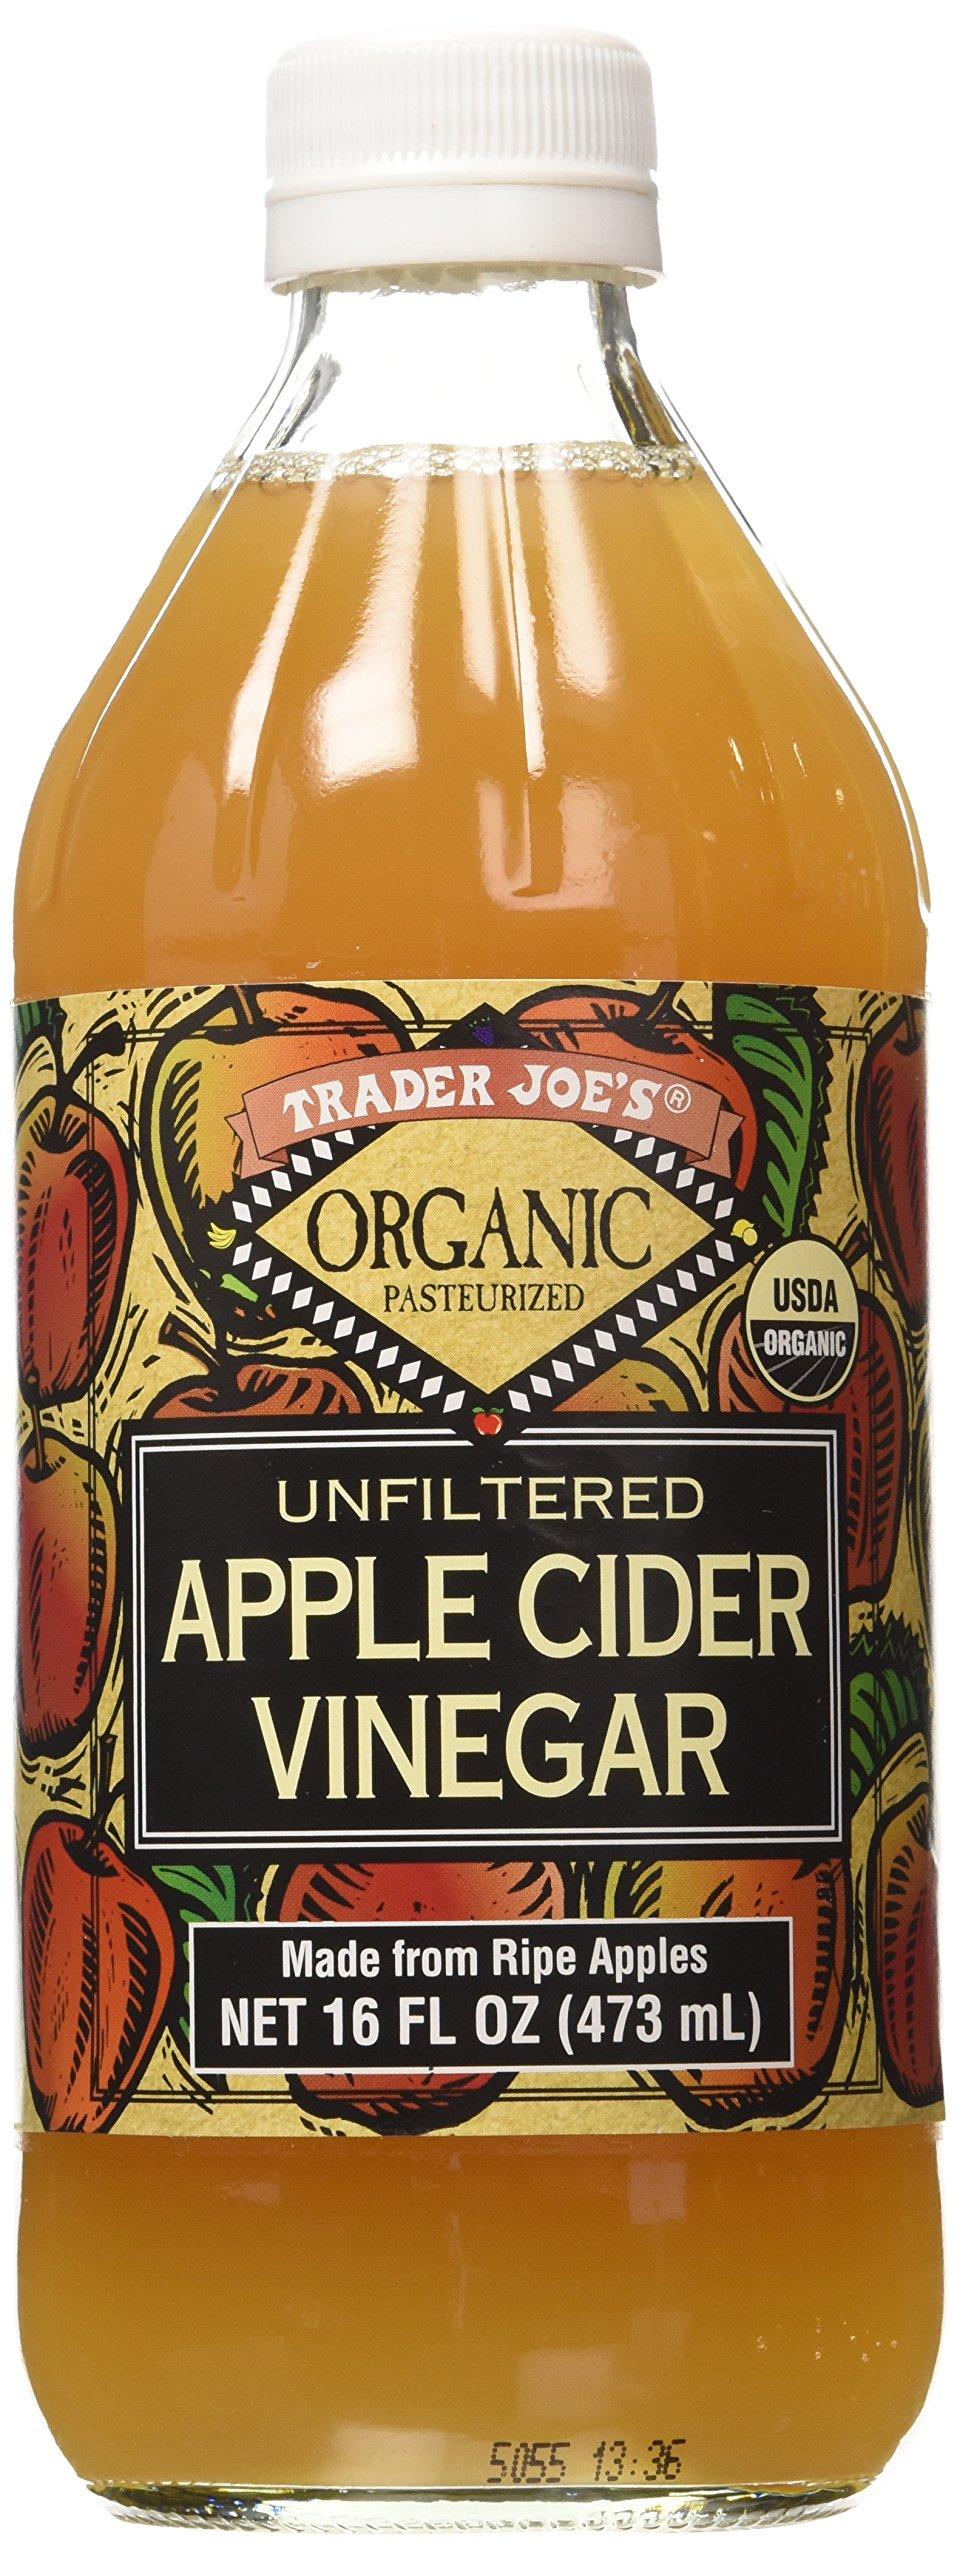 Trader Joe's Organic Pasteurized Unfiltered Apple Cider Vinegar